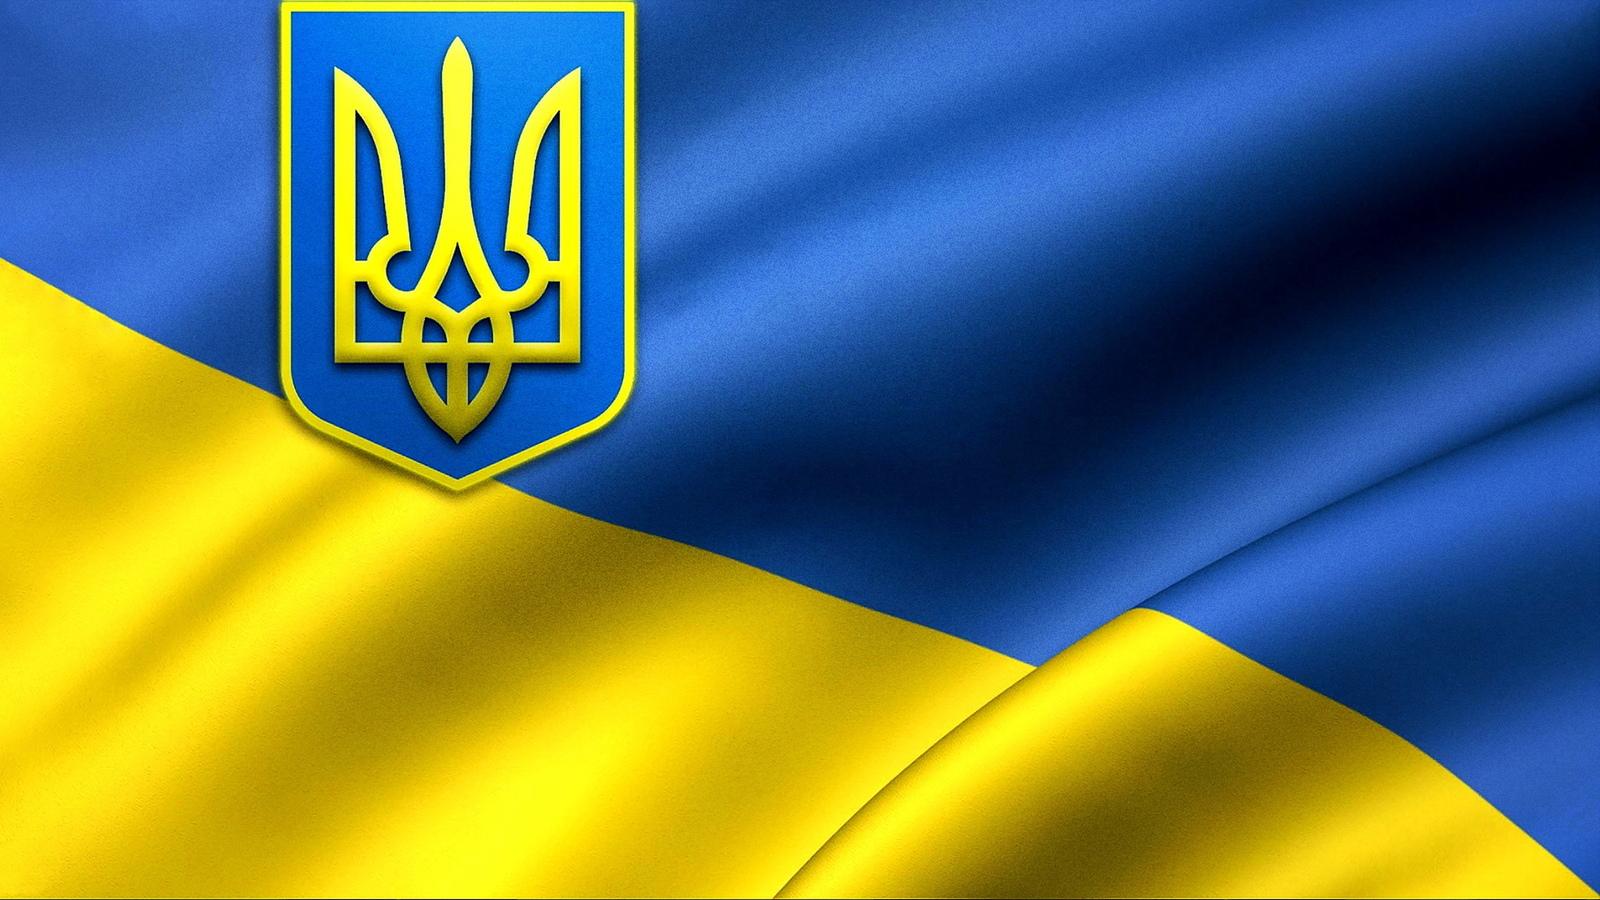 Открытки днем, картинки украинского флага и герба